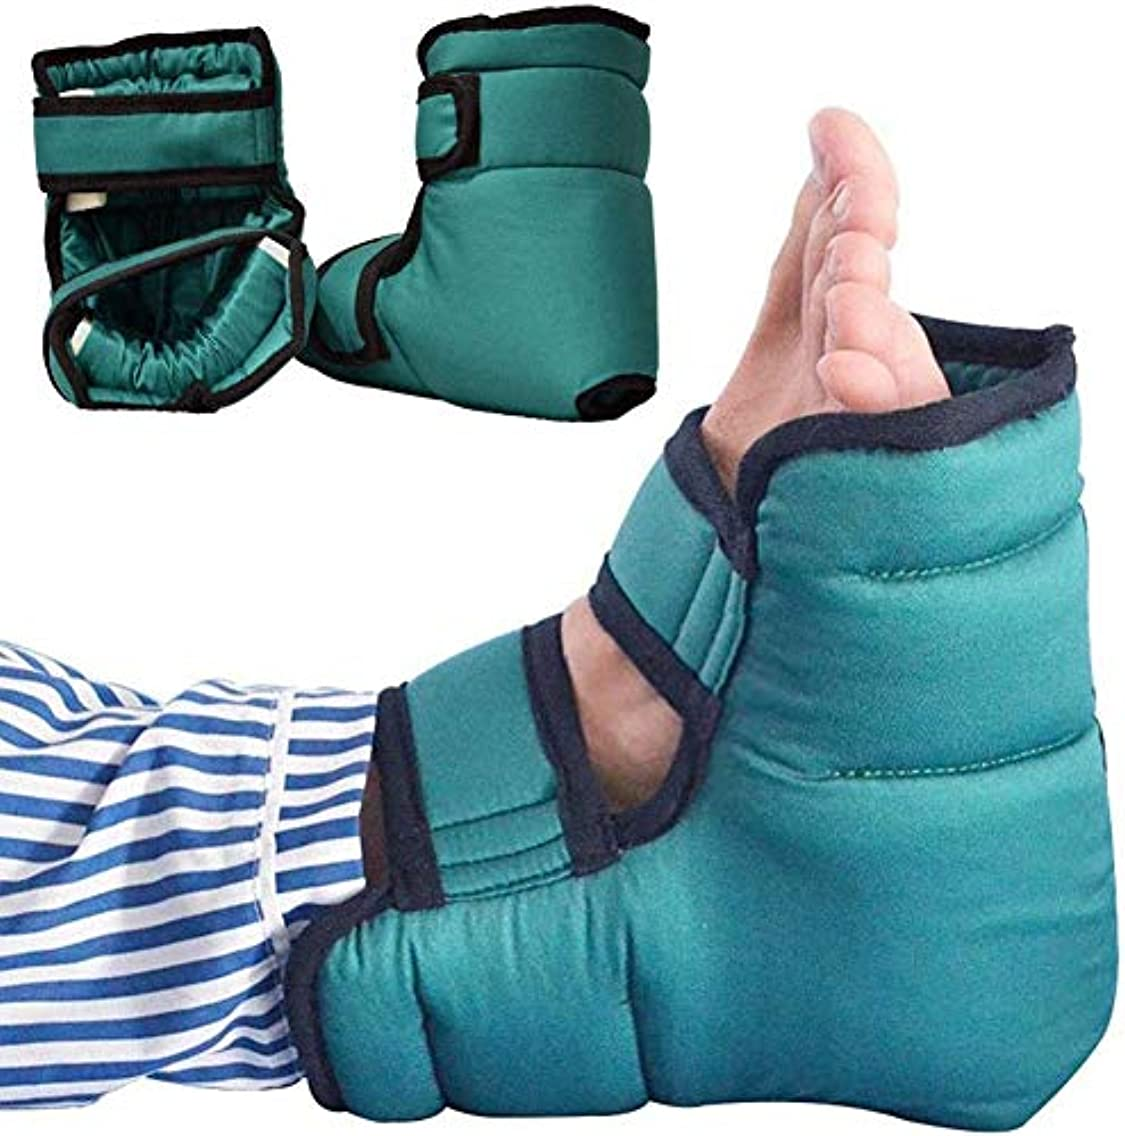 証人毎年バルーン抗床ずれヒールプロテクター枕、圧力緩和ヒールプロテクター、患者ケアヒールパッド足首プロテクタークッション、効果的な床ずれおよび足潰瘍緩和フットピロー、1ペア